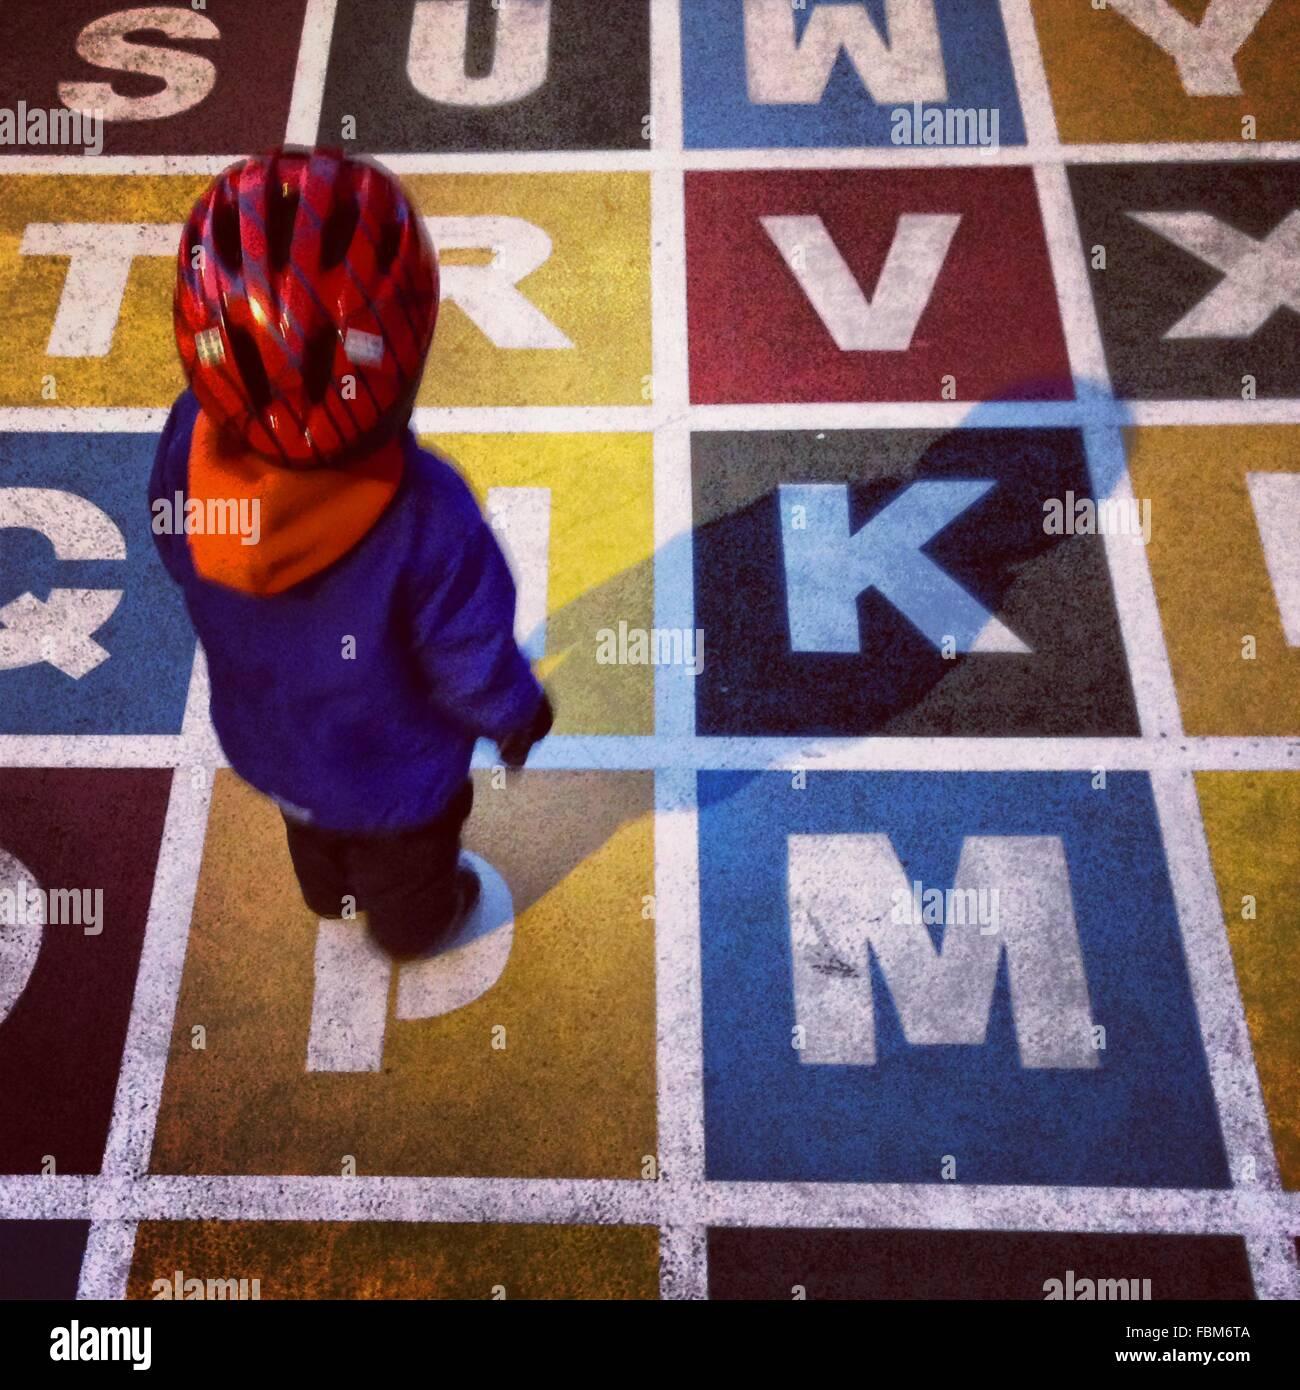 Portrait de l'enfant debout sur les alphabets peints Photo Stock